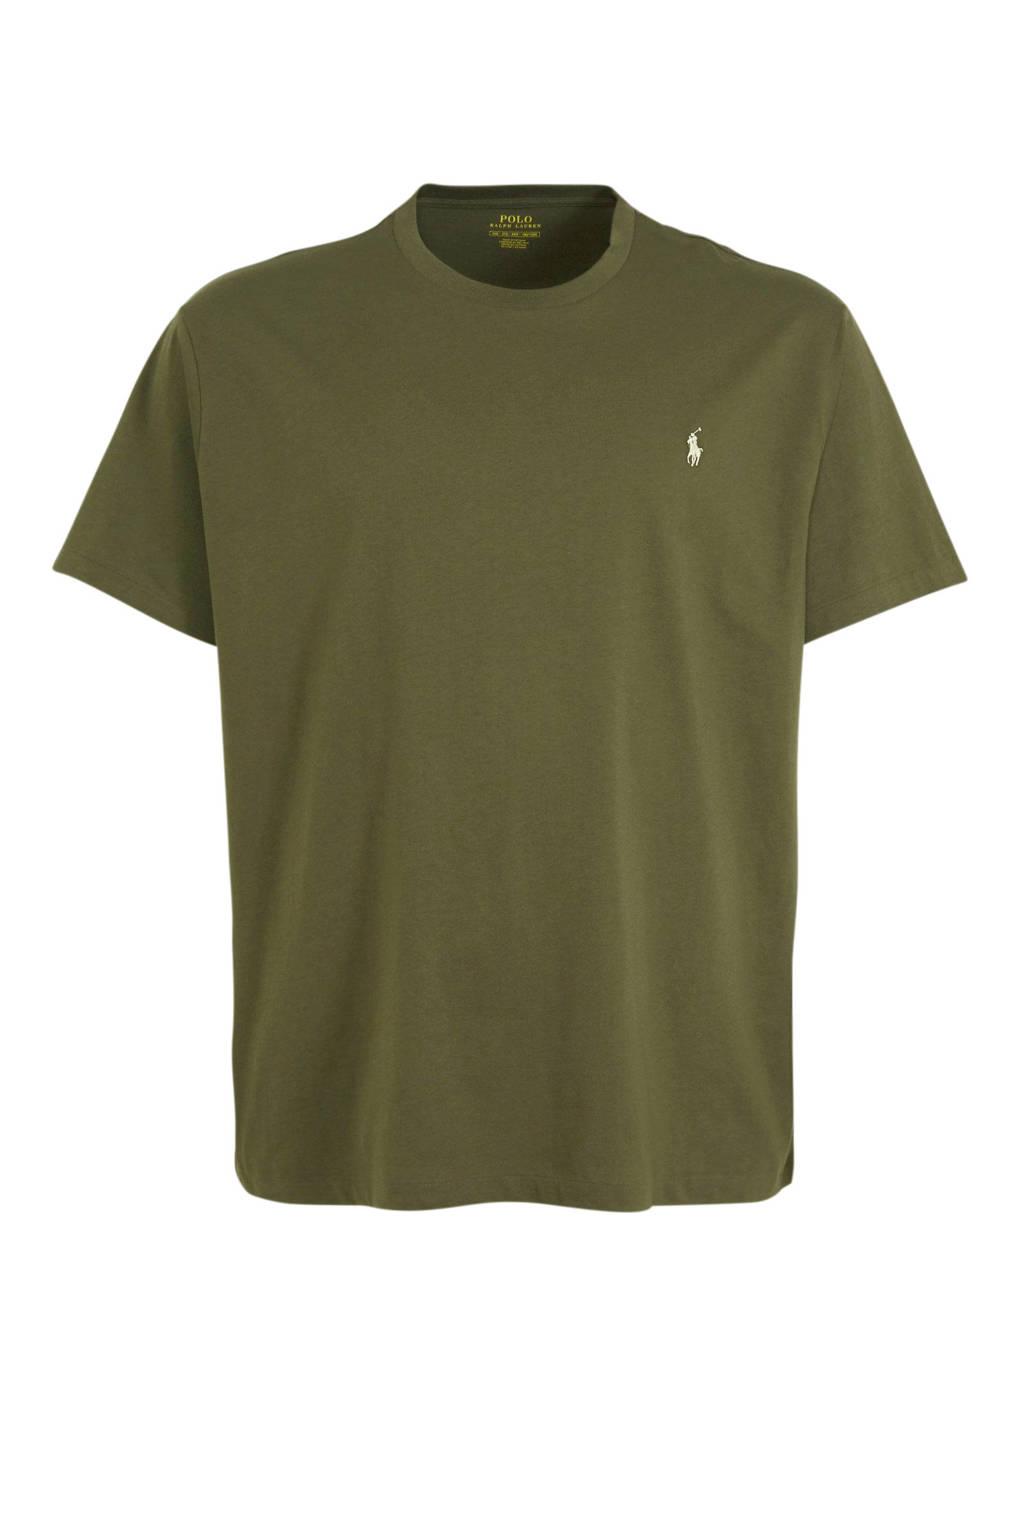 POLO Ralph Lauren Big & Tall +size T-shirt groen, Groen